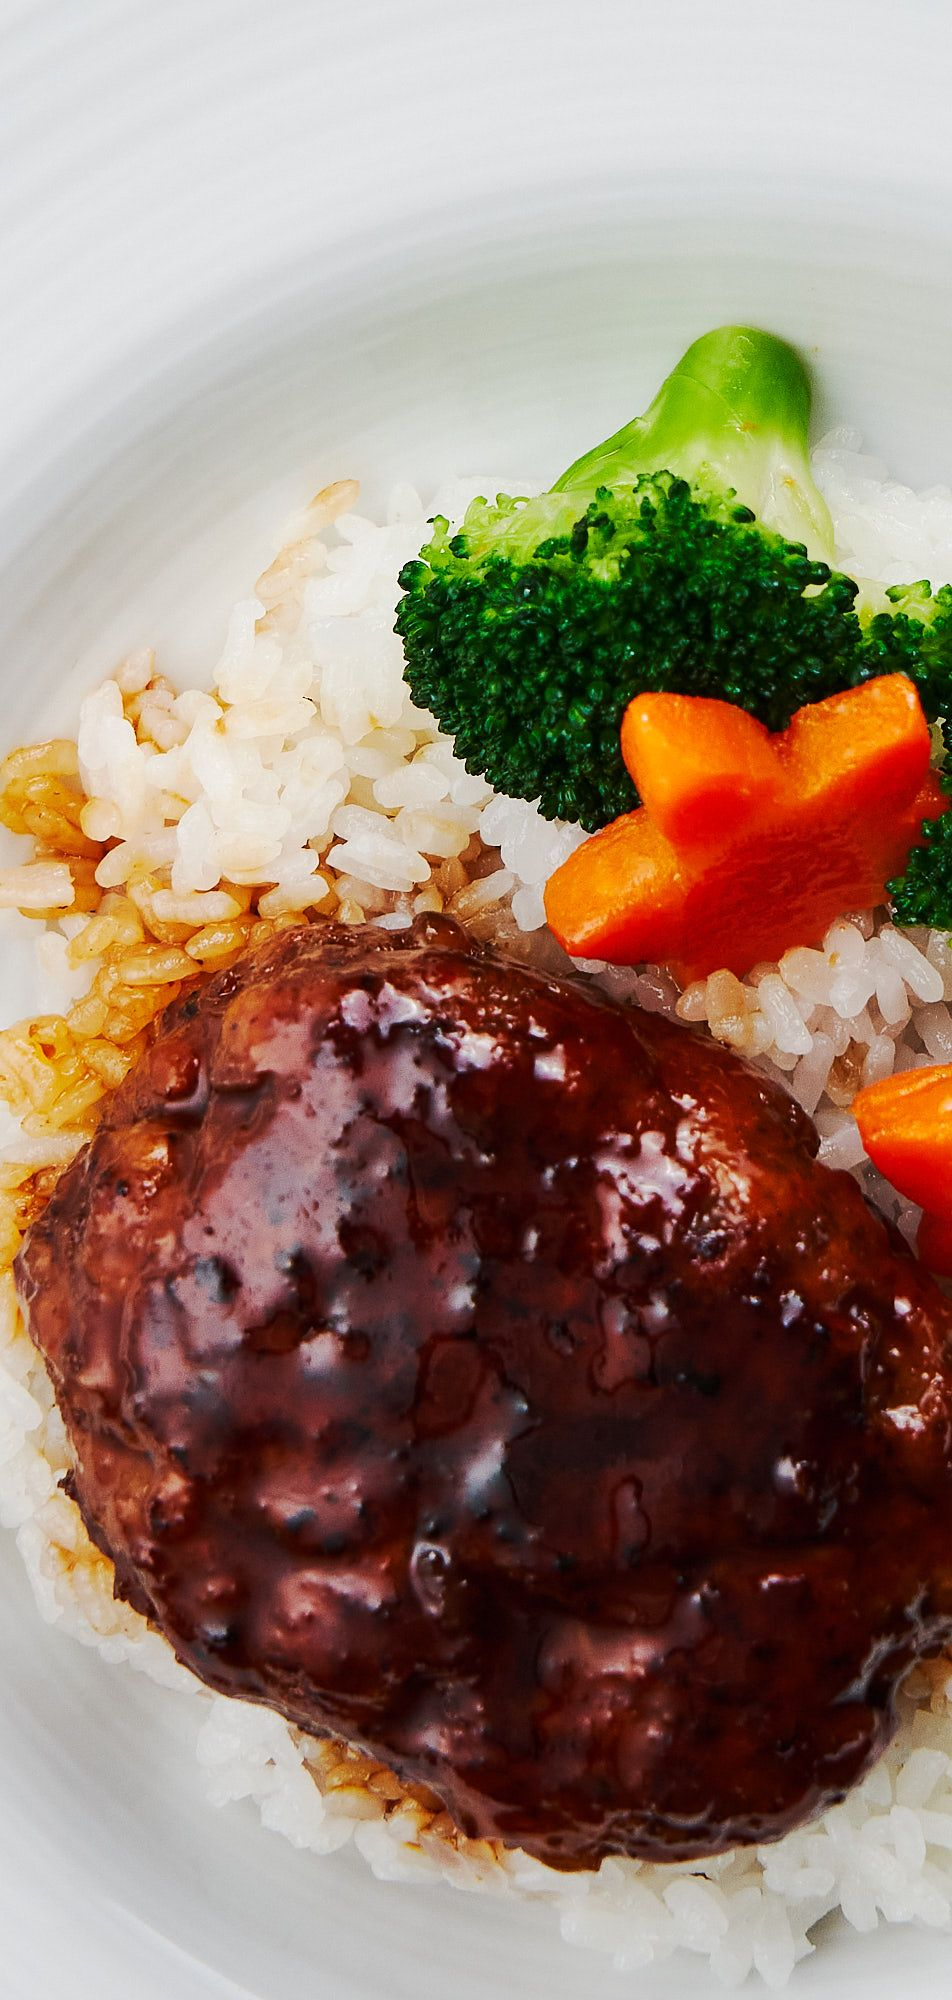 Japanese Hamburger Steak Recipe Teriyaki Hamburg Steak Recipe In 2020 Meat Recipes For Dinner Hamburger Steak Recipes Hamburger Steak